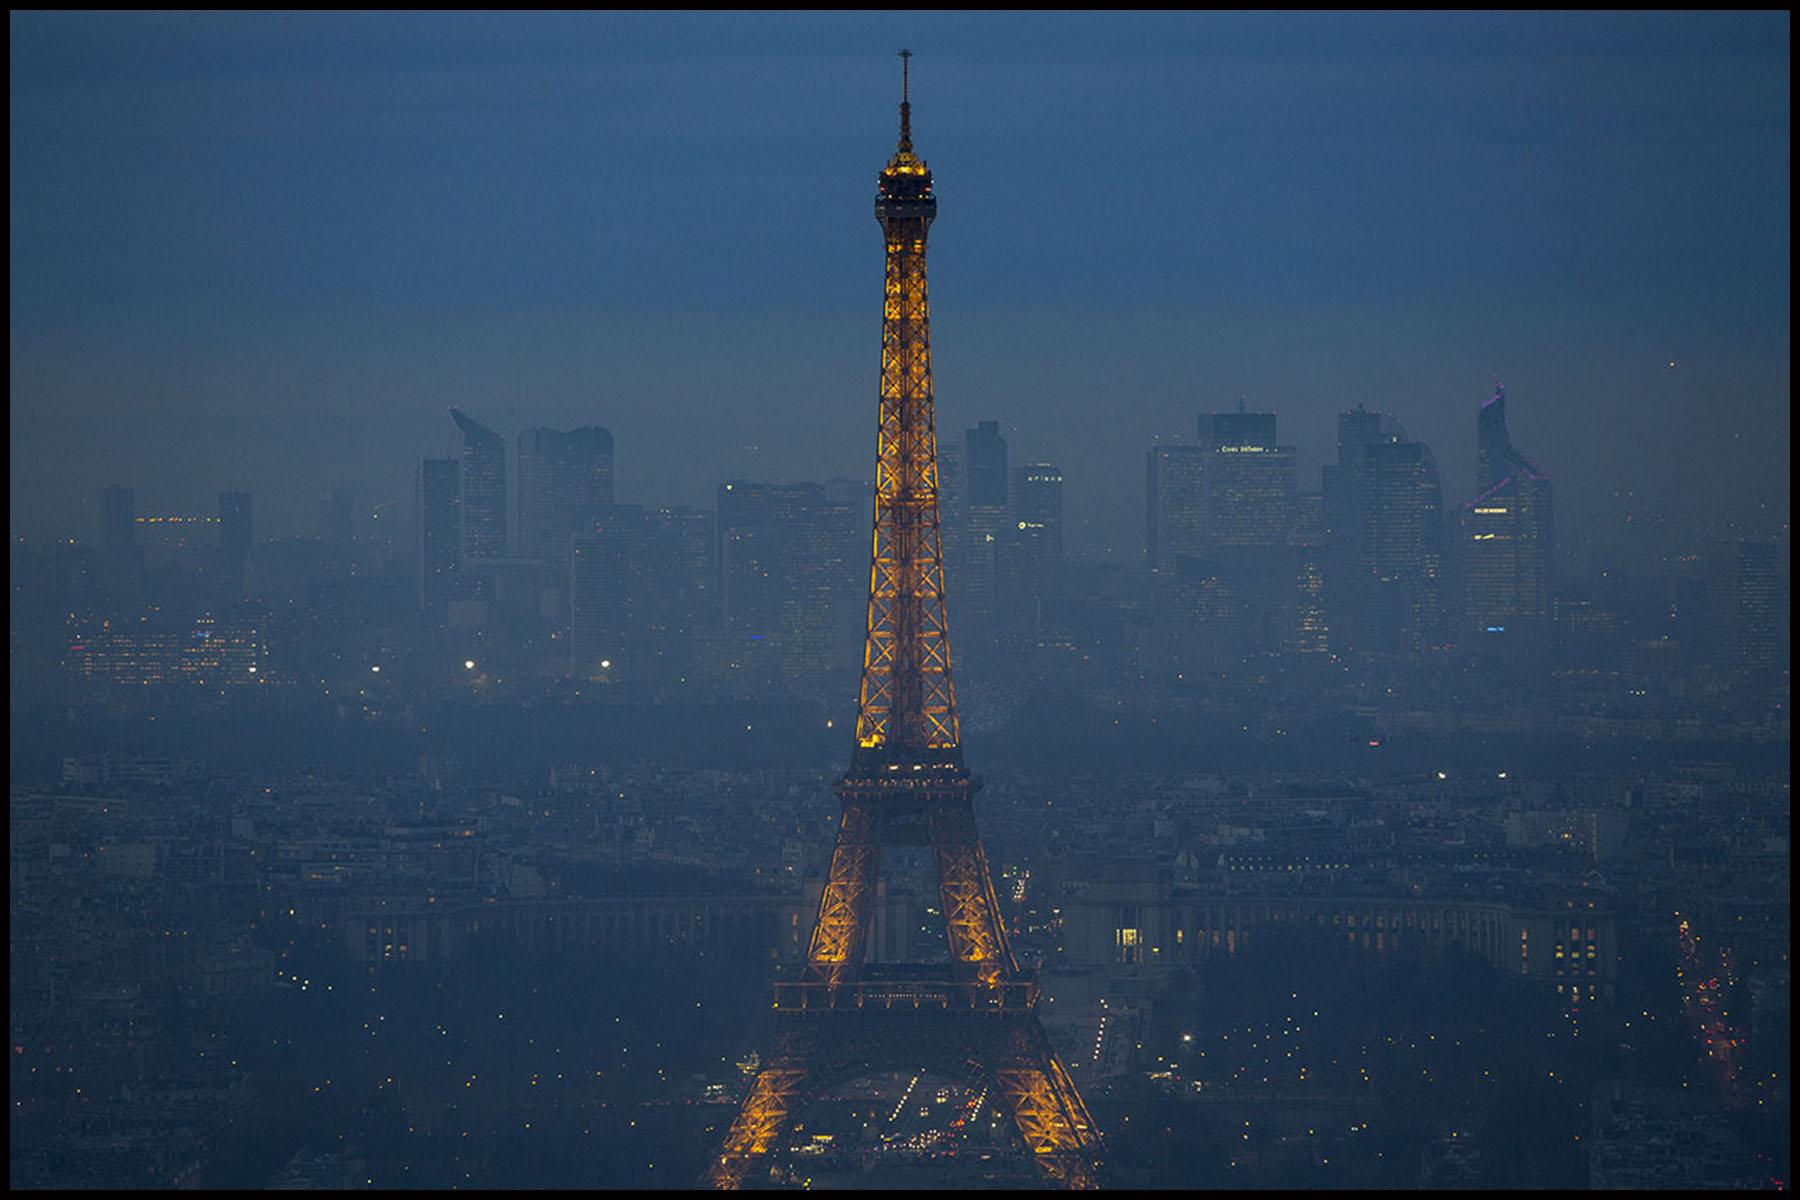 Une couche de pollution d'une centaine de mètres de haut stagne sur Paris depuis plusieurs jours, entrainant la mise en place de la circulation alternée des automobiles dans la capitale.